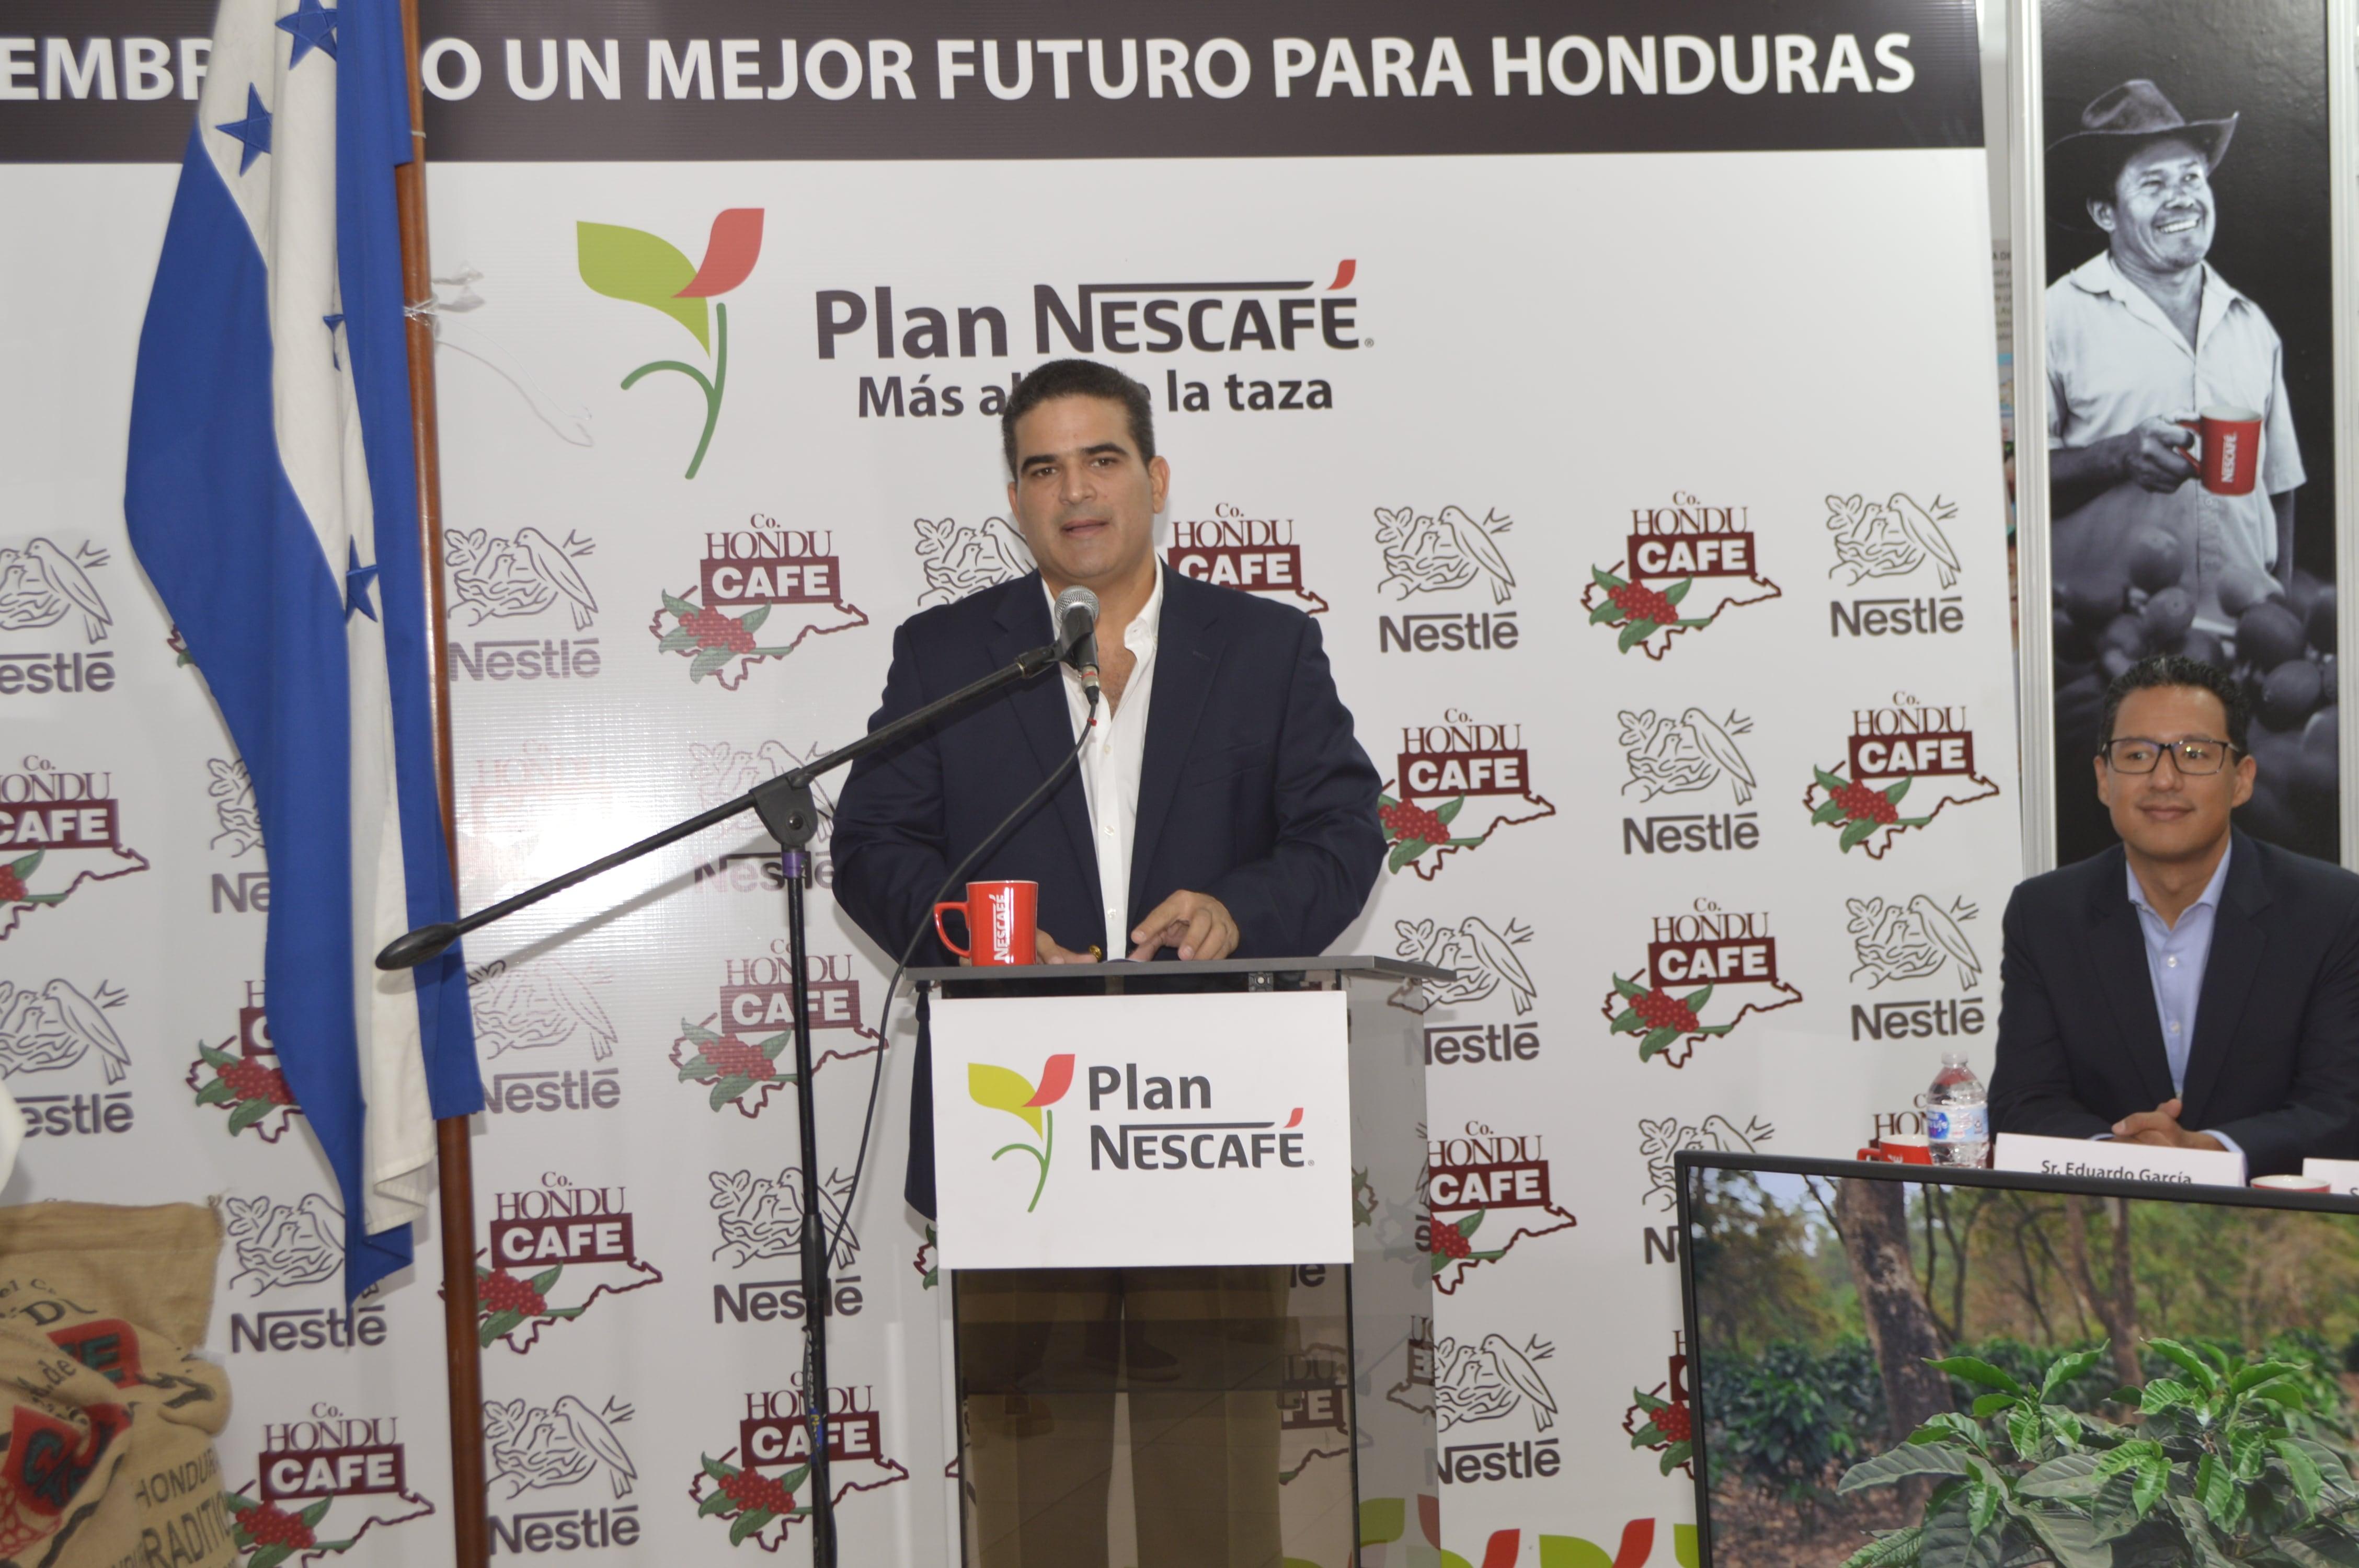 Sr. Terence Fuschich, Presidente de Fundación Co Honducafé durante su discurso en el evento.